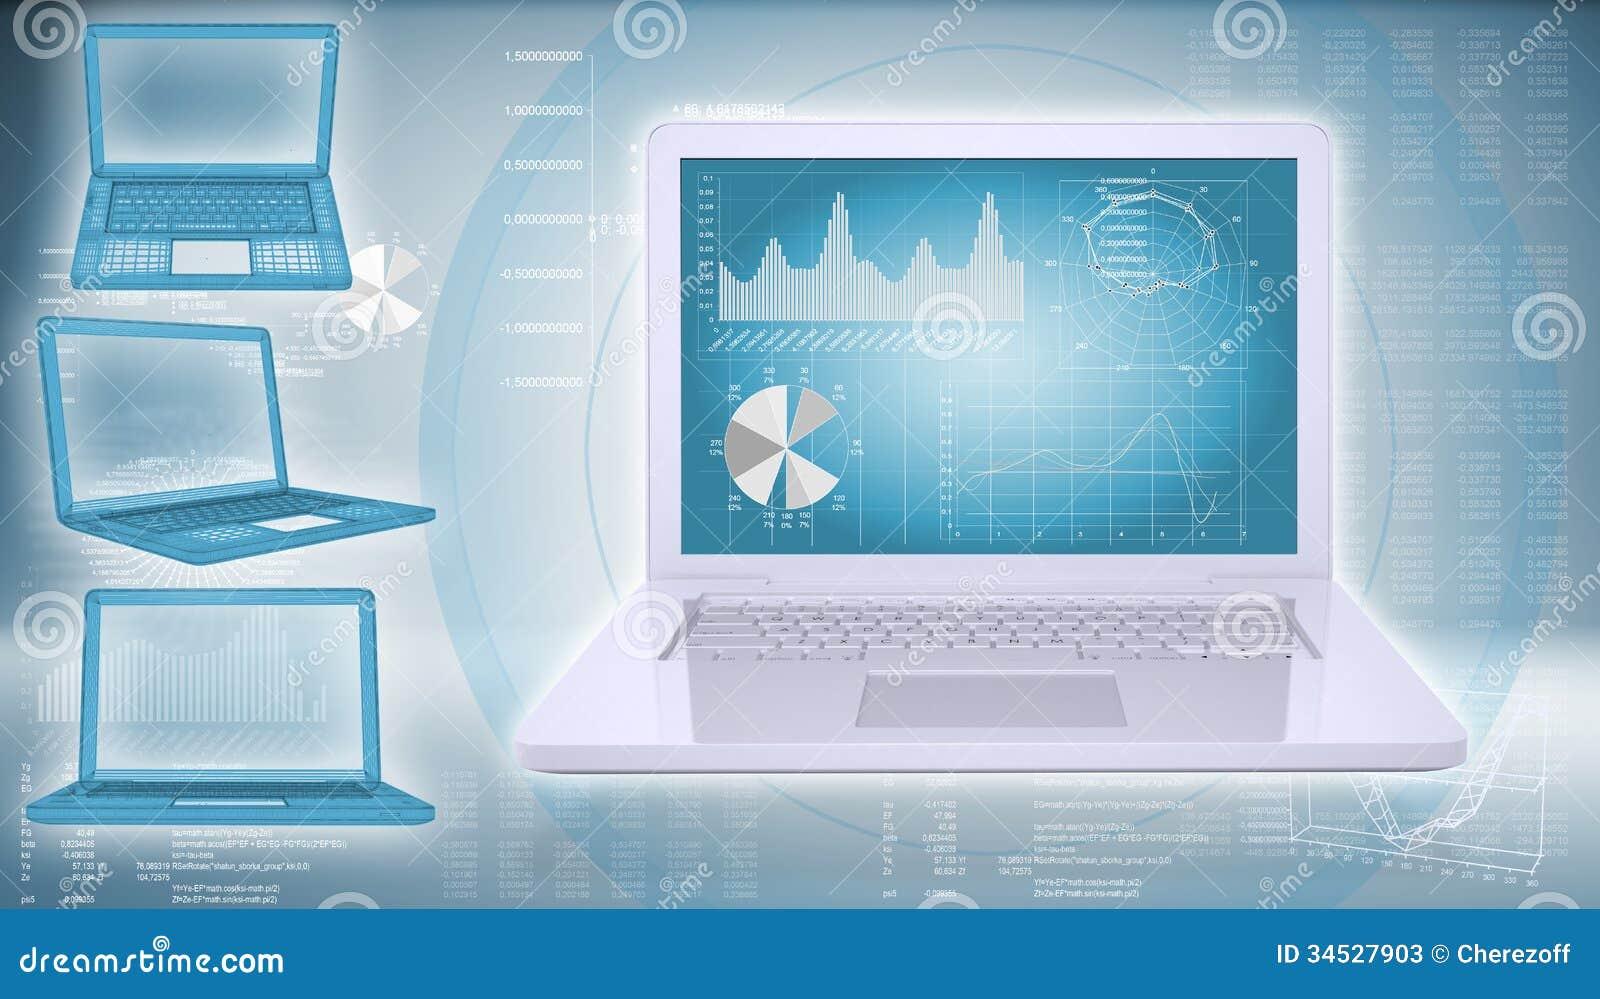 Technology Background Laptop: Laptop On A Hi-tech Background Stock Image